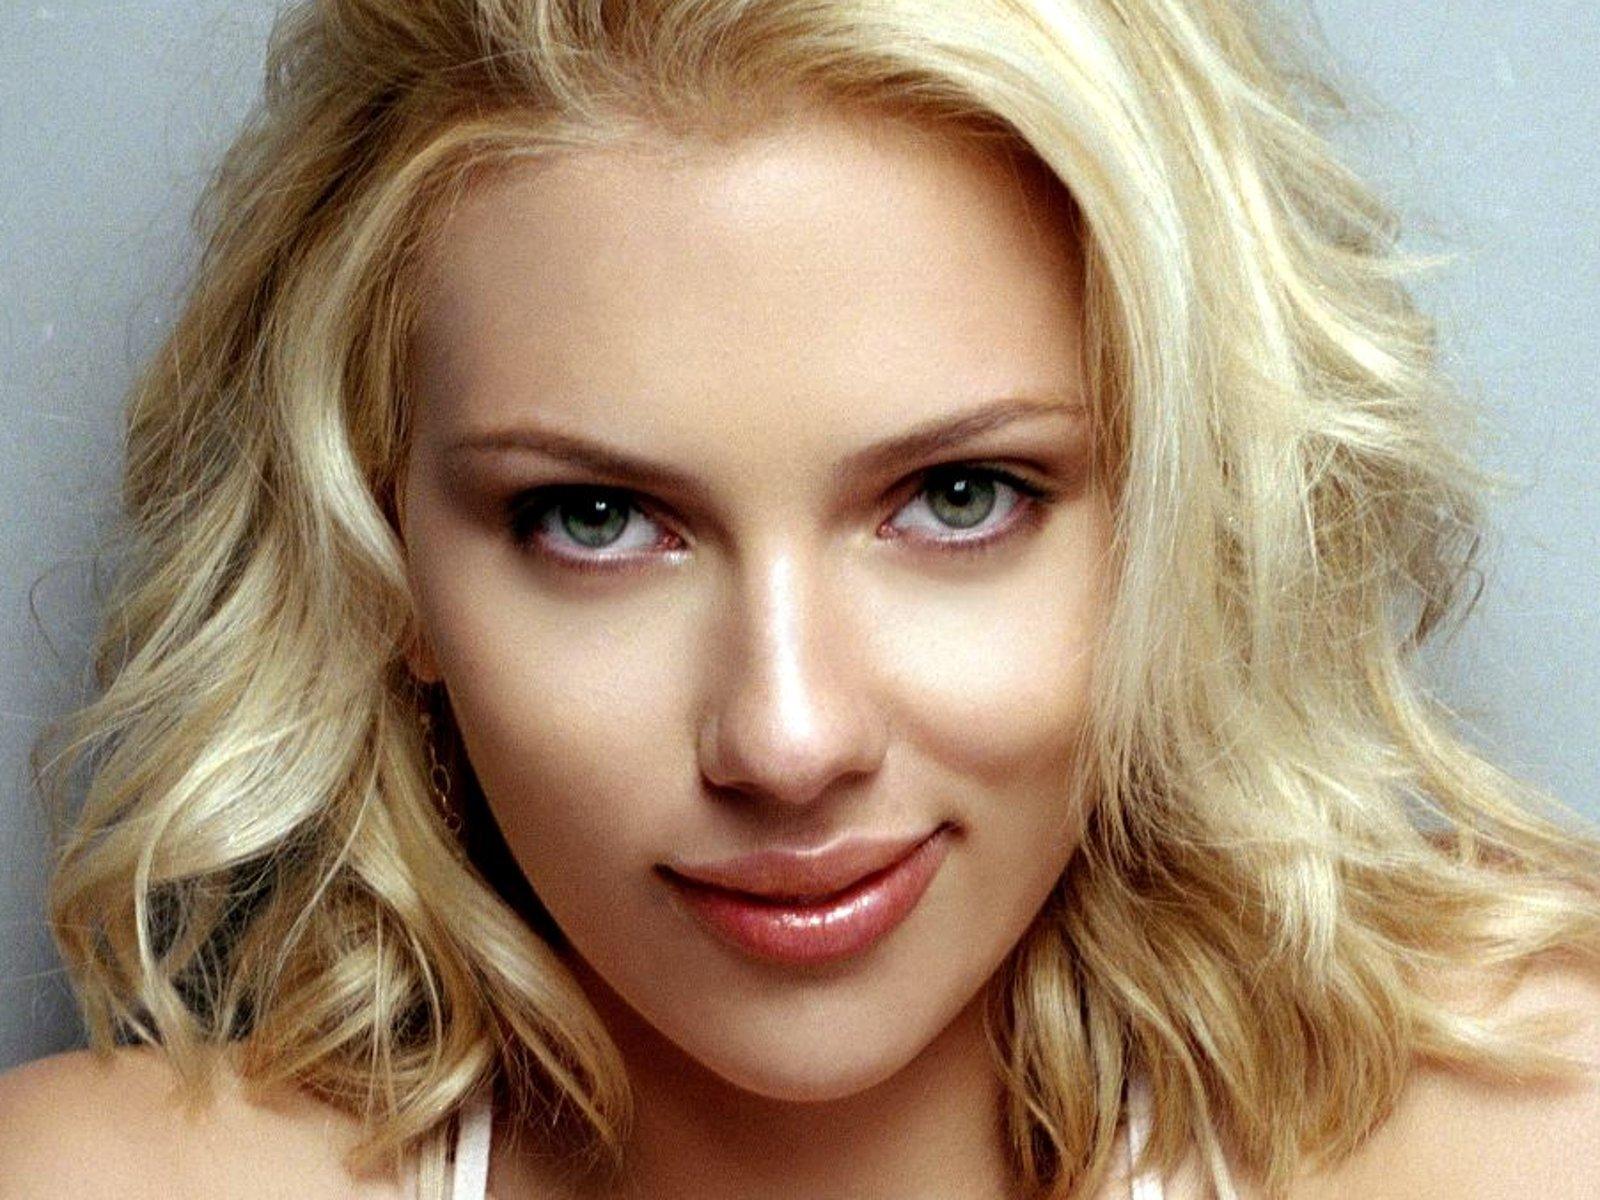 homo erotische massage de mooiste vrouwen van de wereld